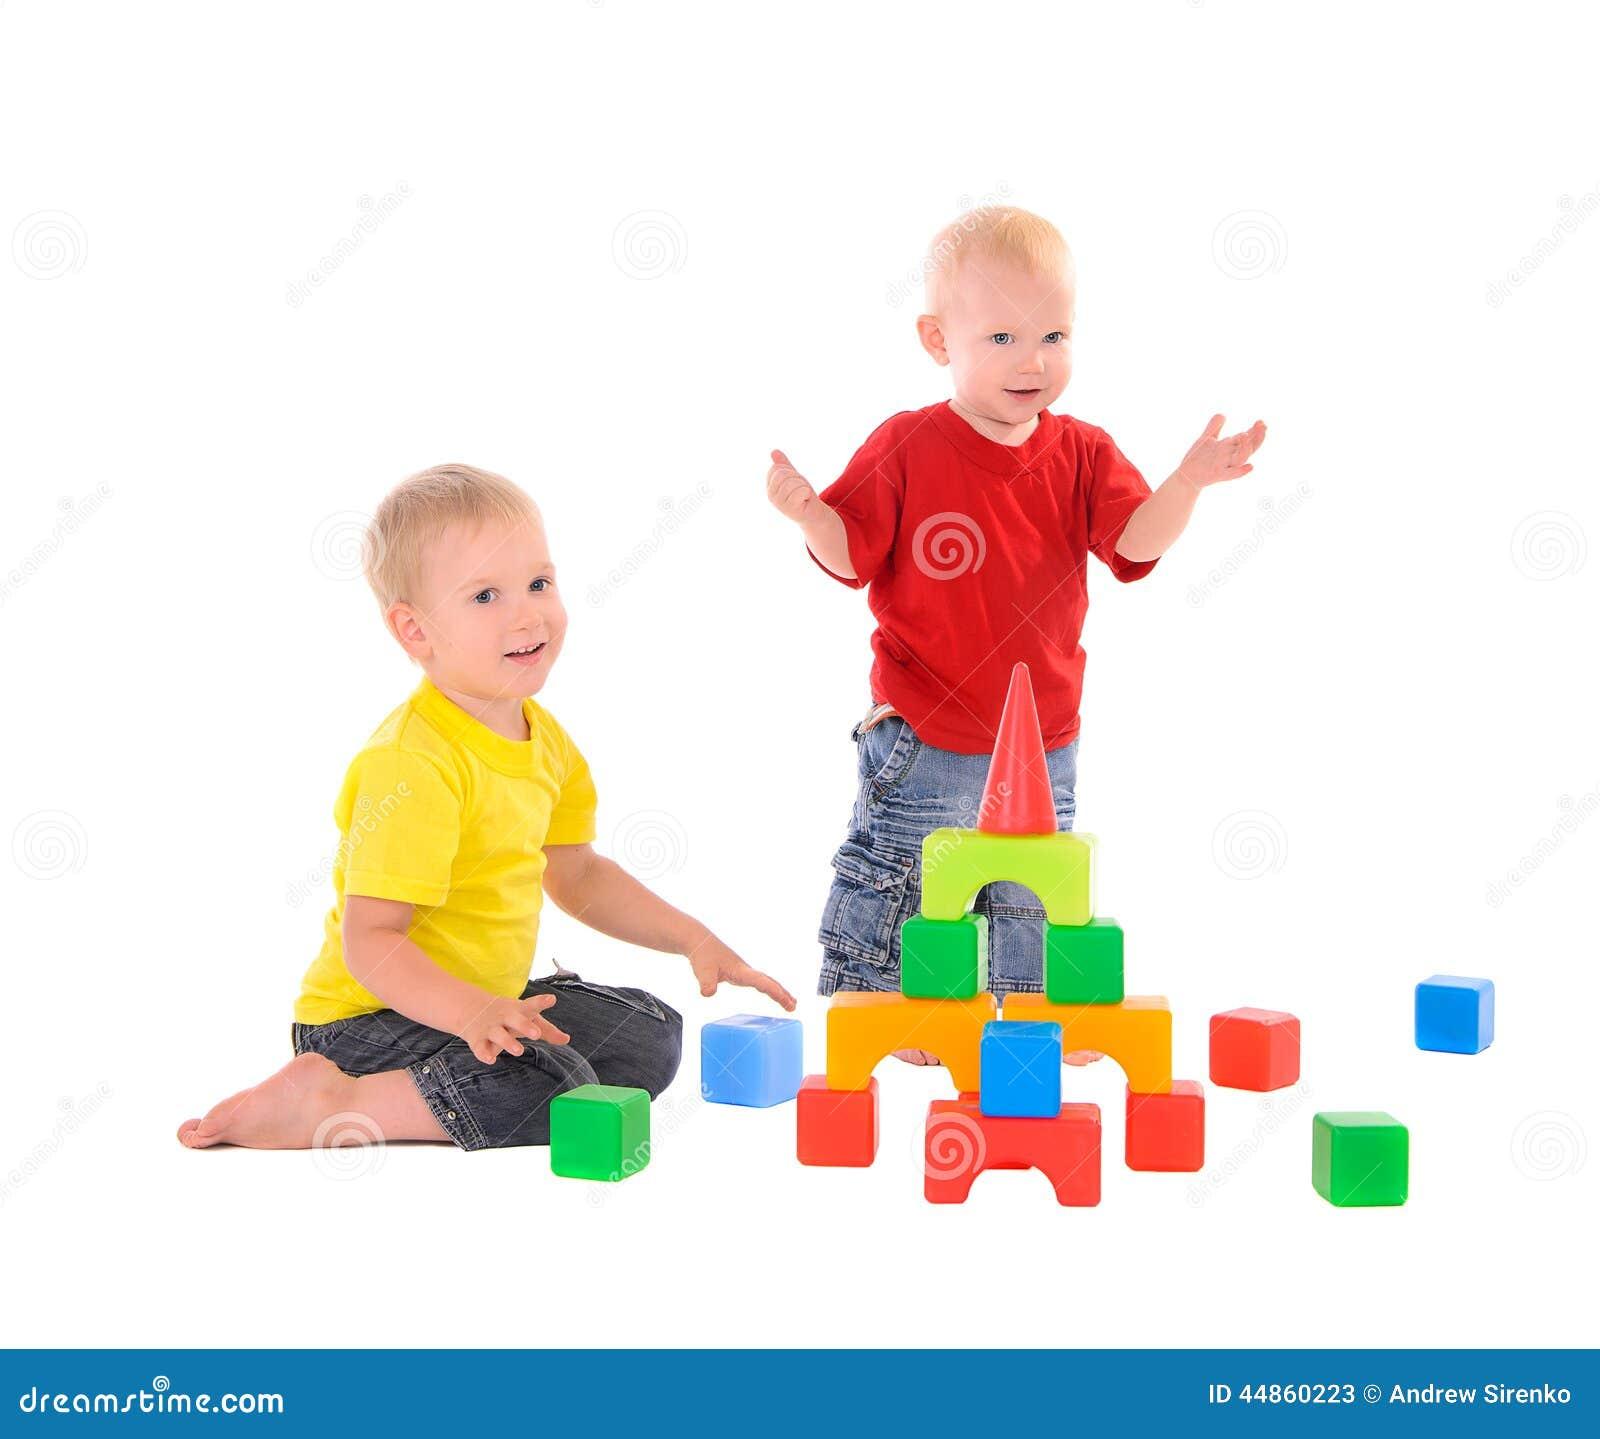 Edificio del juguete de dos estructuras de los hermanos de cubos coloreados